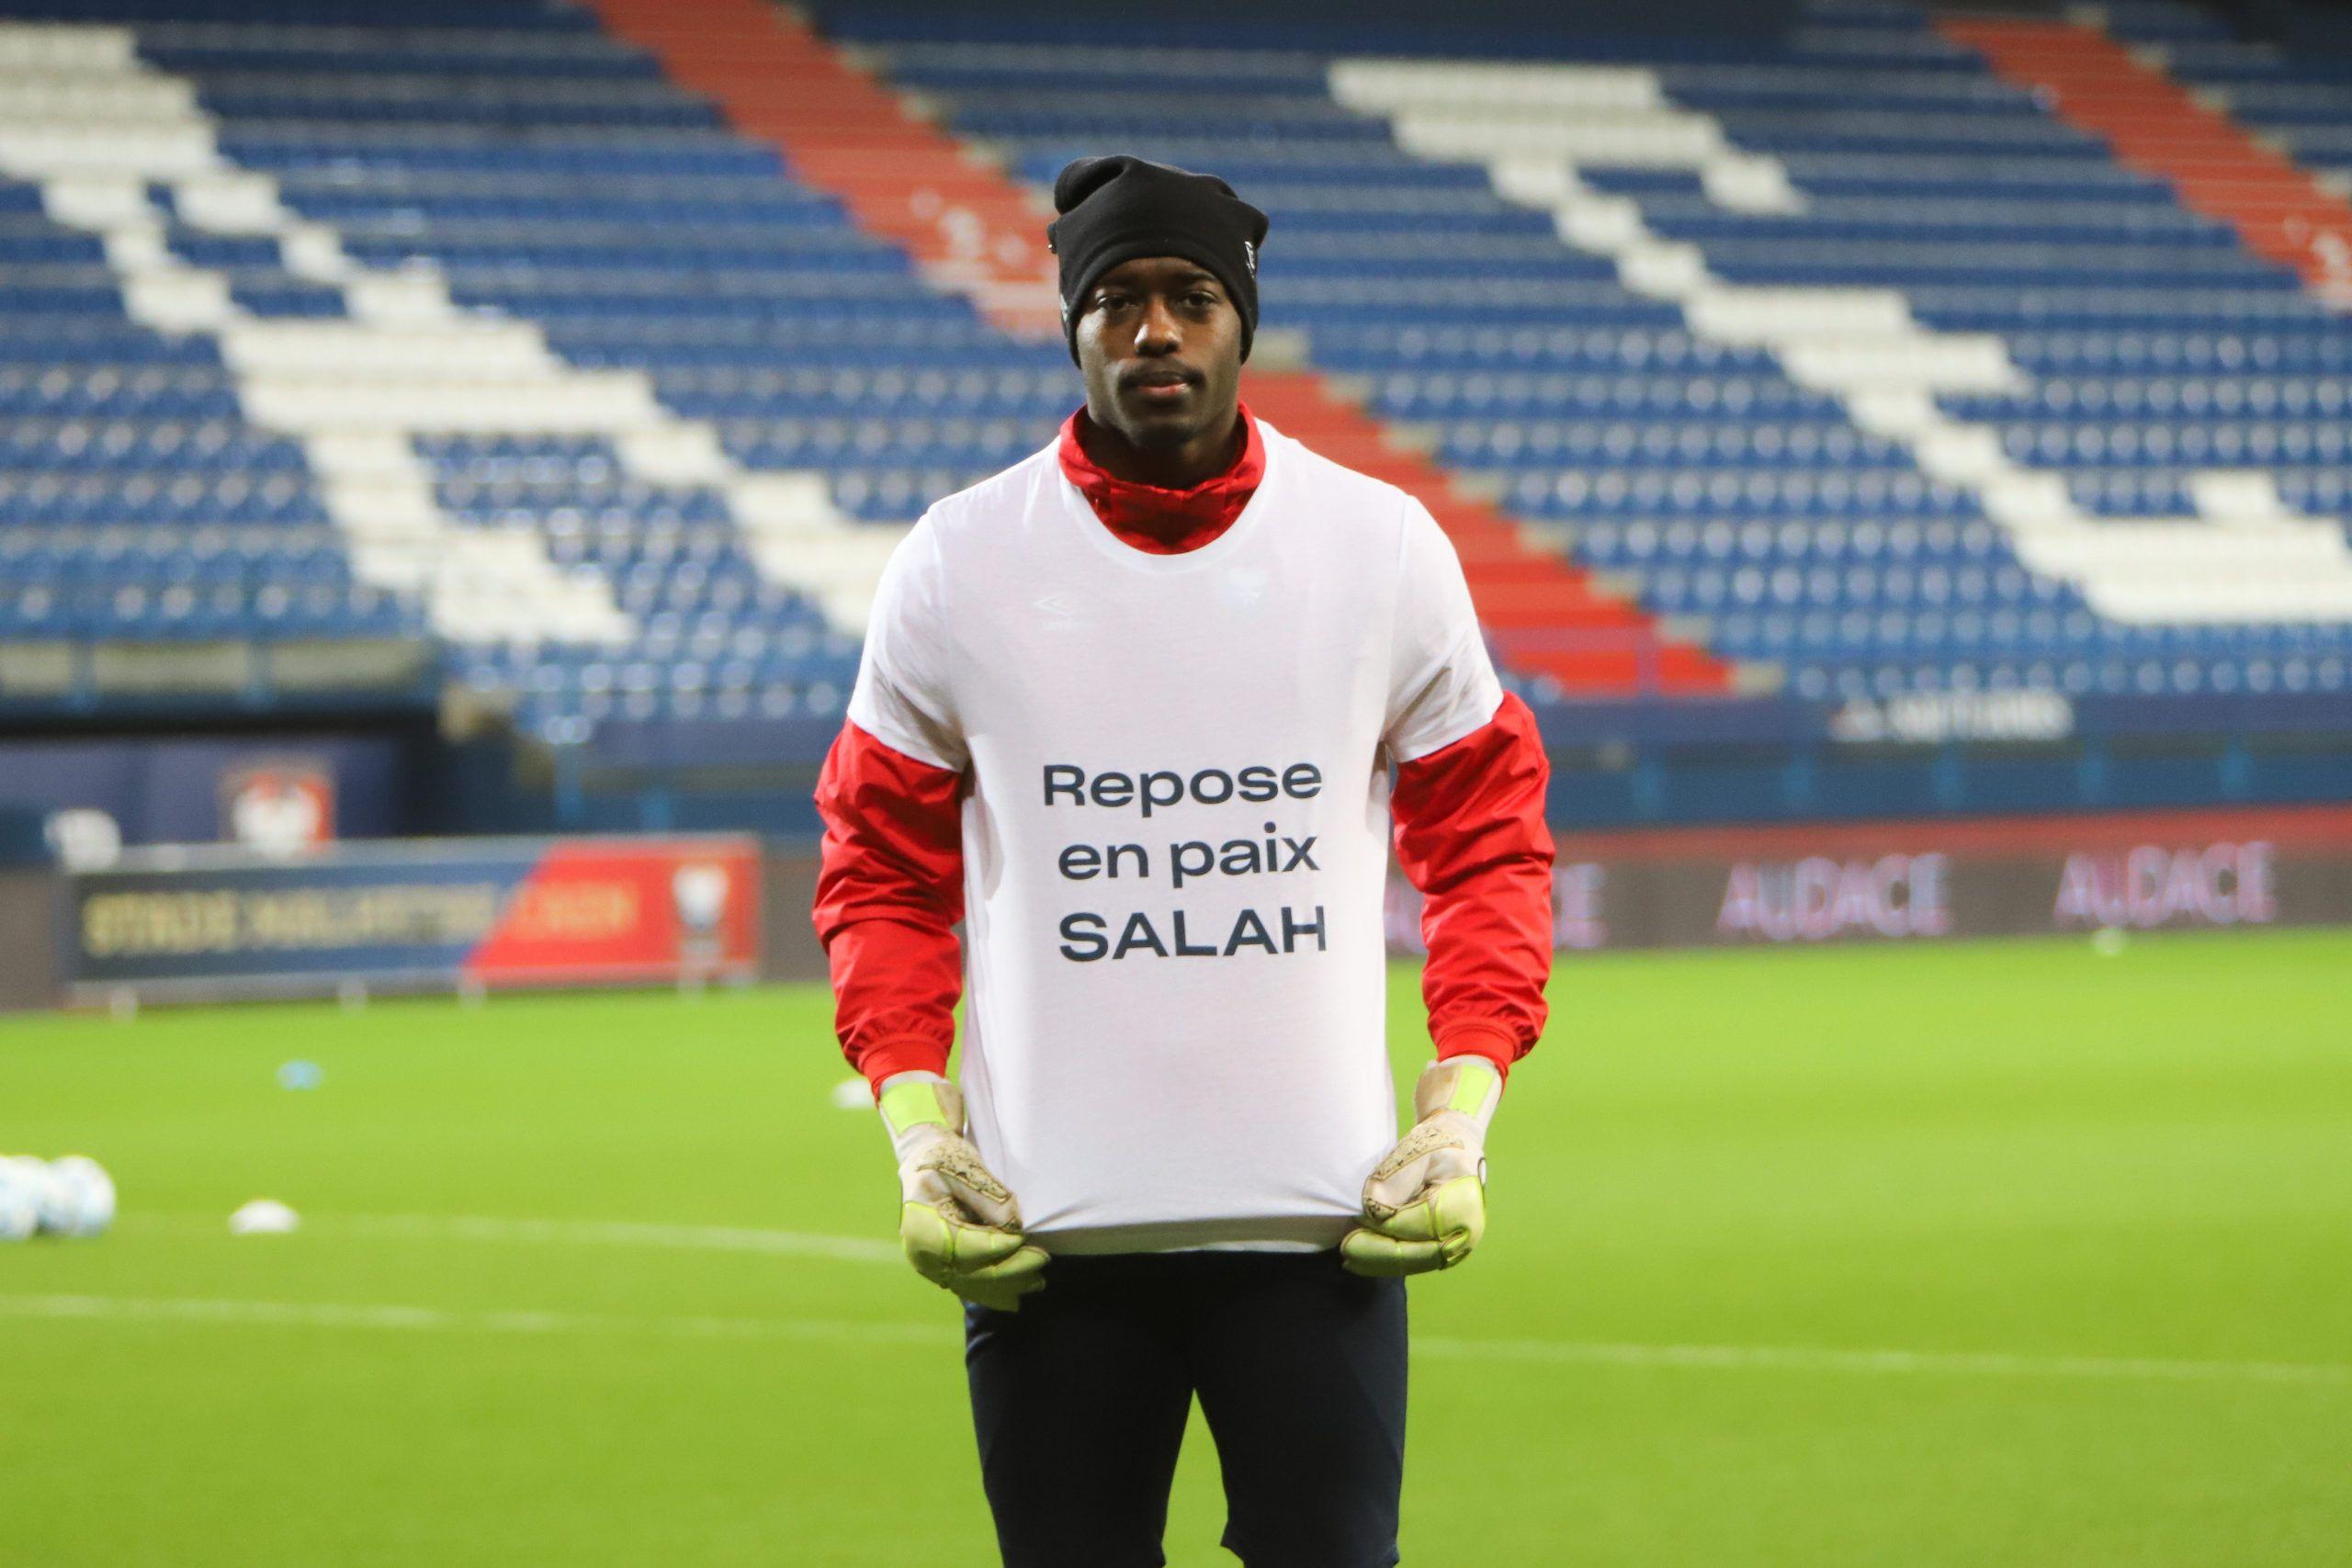 Les photos de l'hommage à Salah en marge de Caen – Toulouse